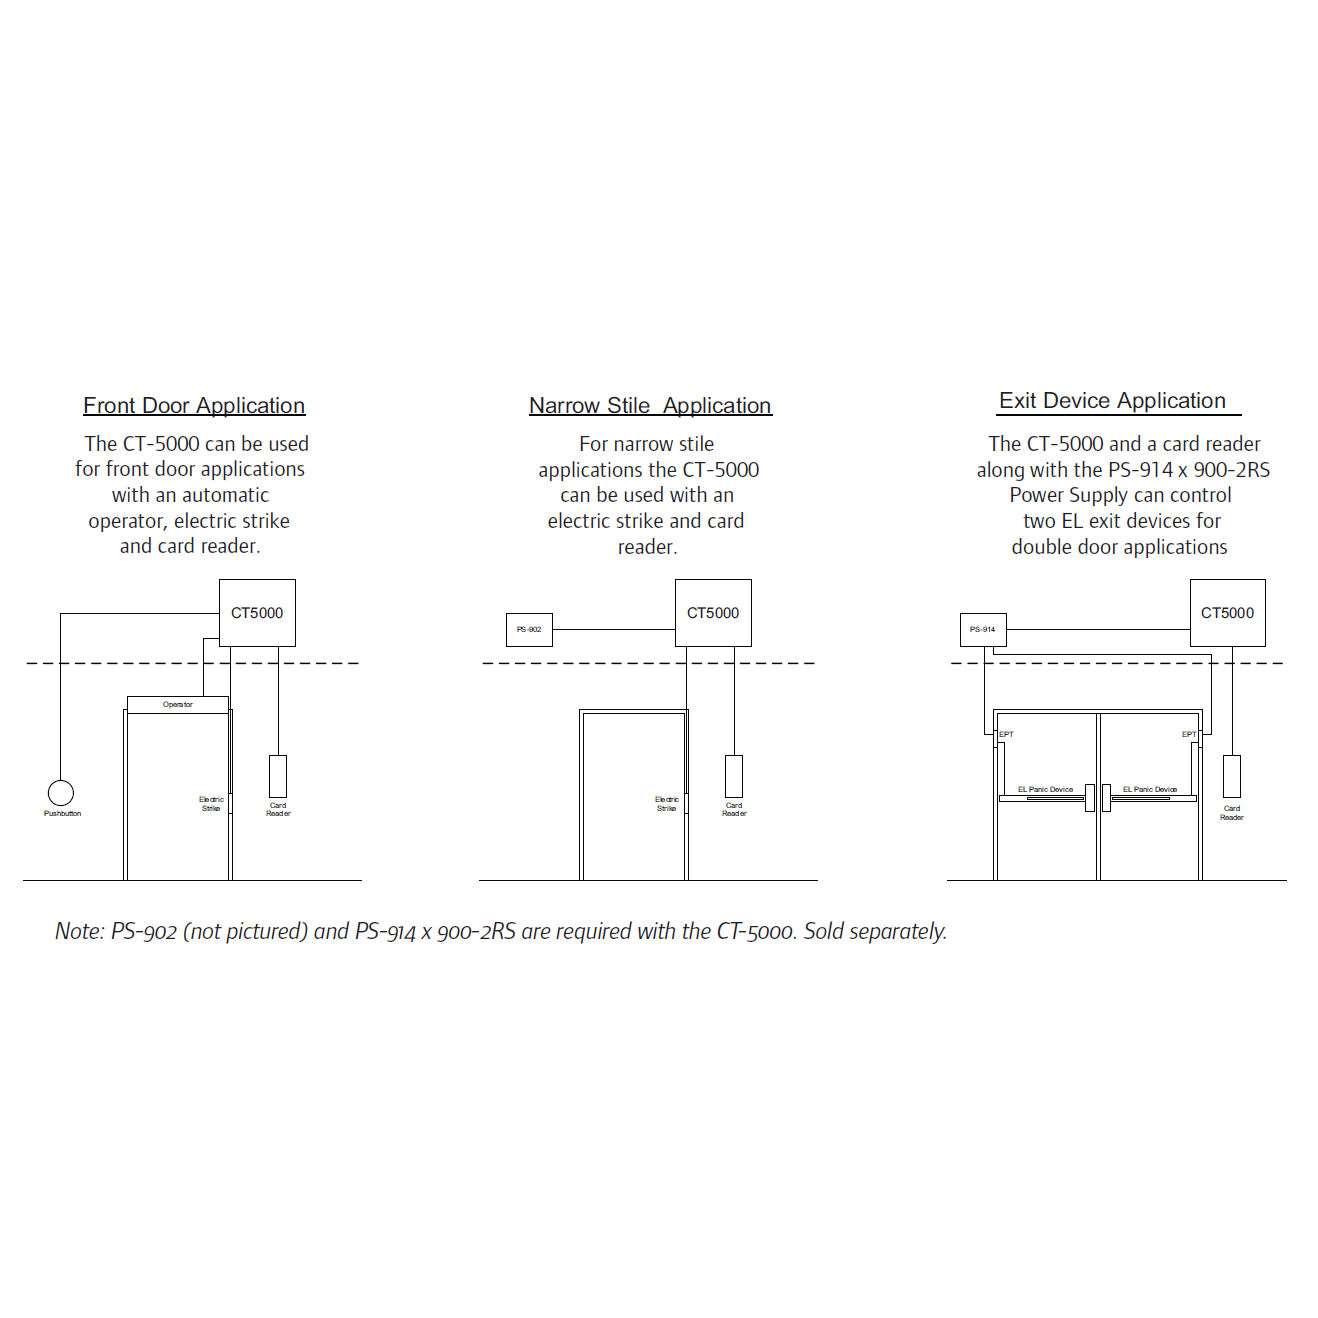 Von Duprin Wiring Harnes Schlage Wire Harness Diagram Libraries Hight Resolution Of Ps914 Best Site Panic Hardware